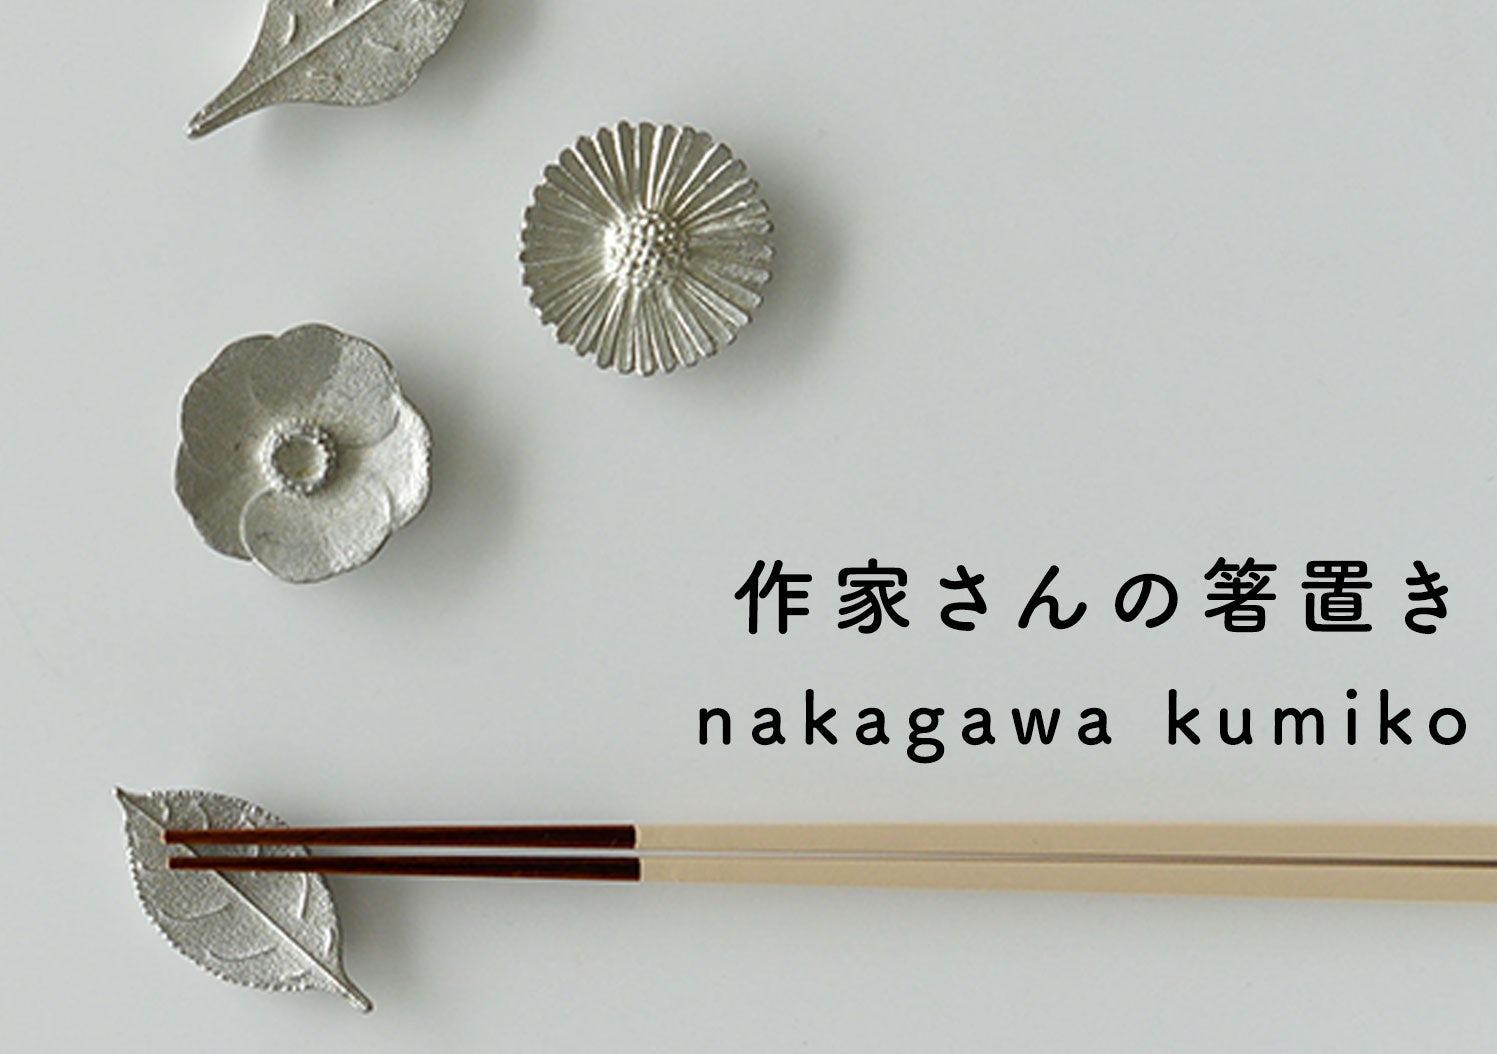 nakagawa kumikoの画像